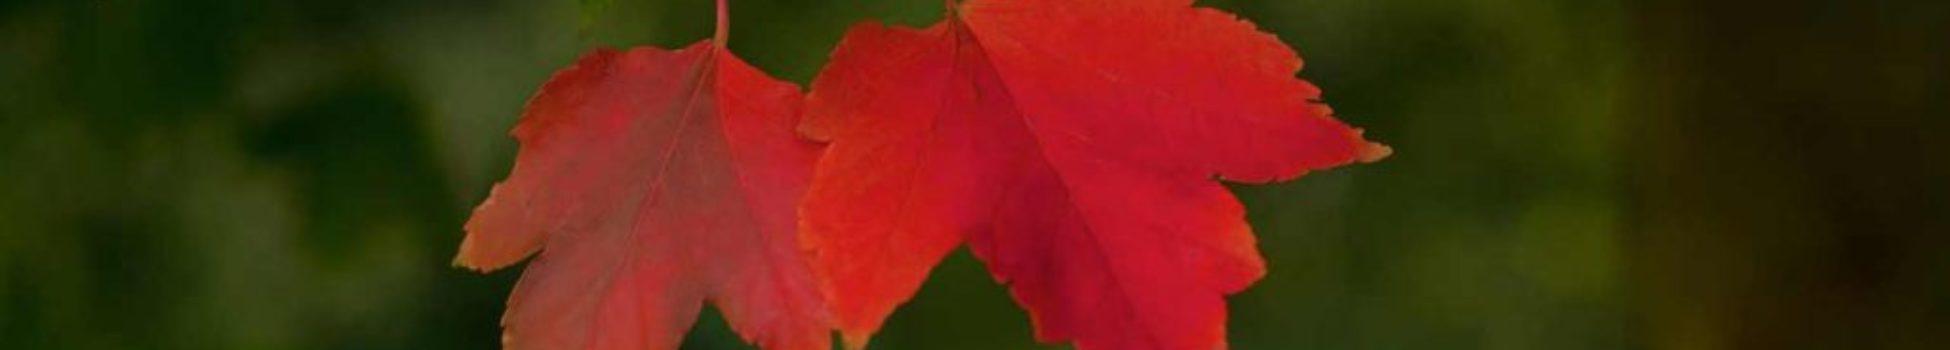 telares-noviembre-miniatura